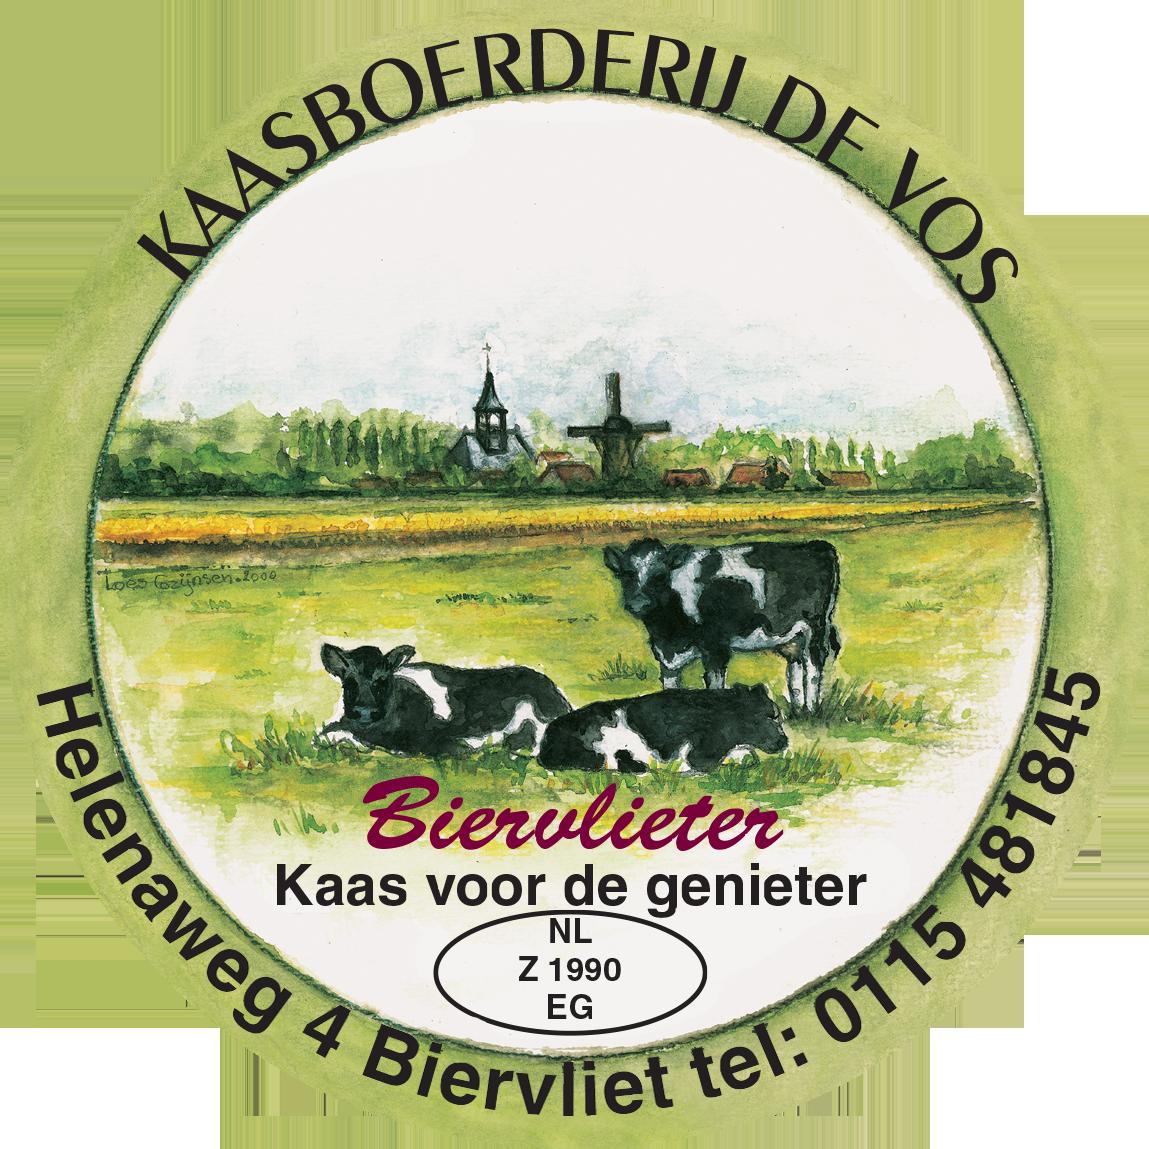 Kaasboerderij de Vos